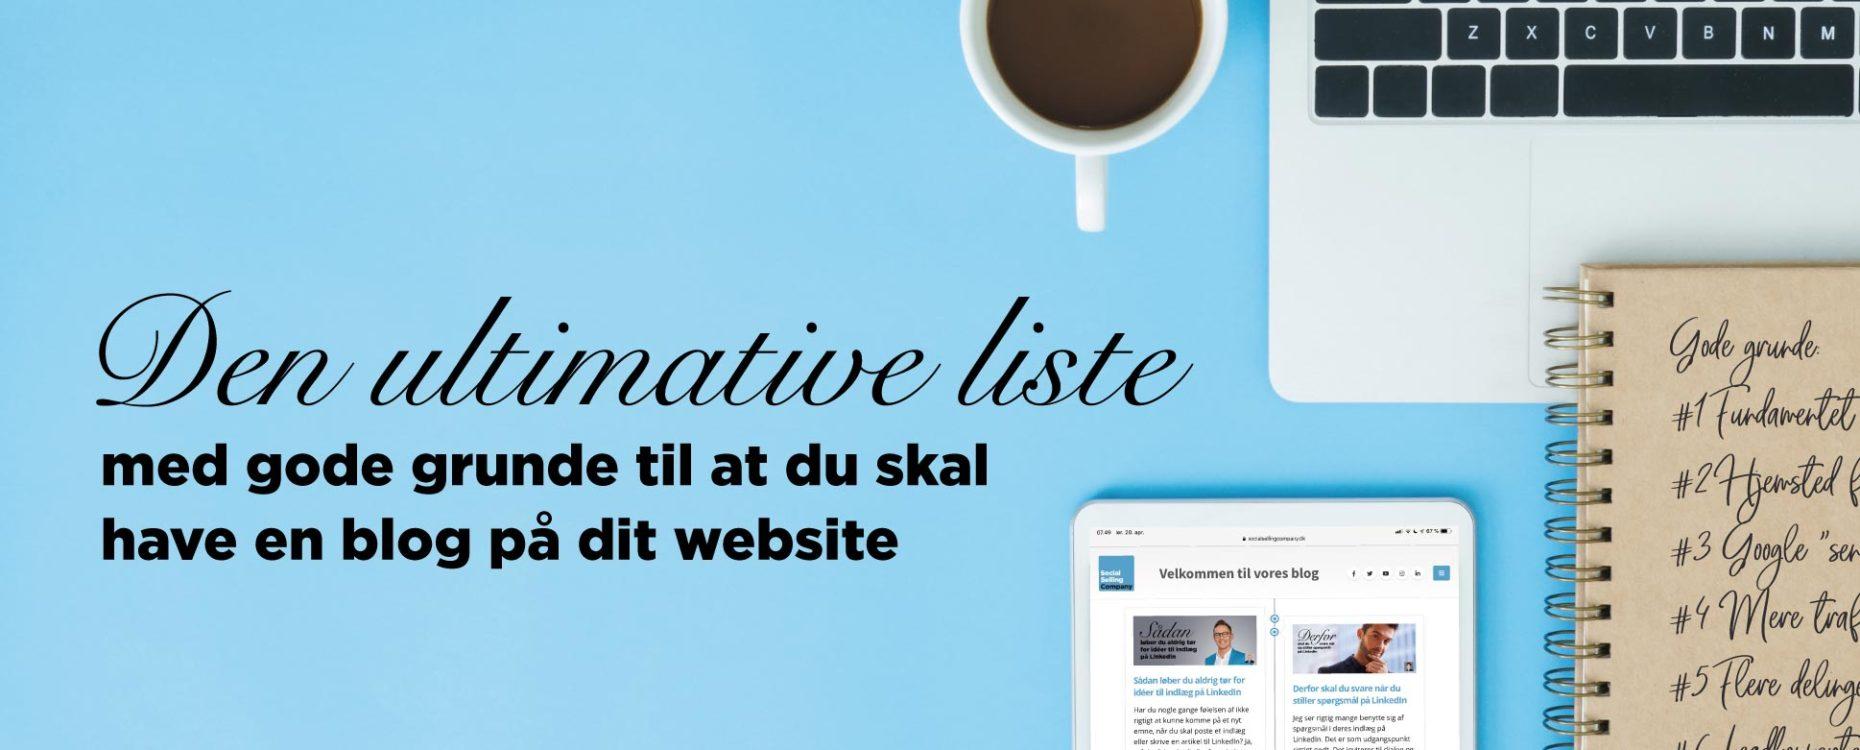 Blogindlæg med den ultimative liste med gode grunde til at du skal have en blog på dit website